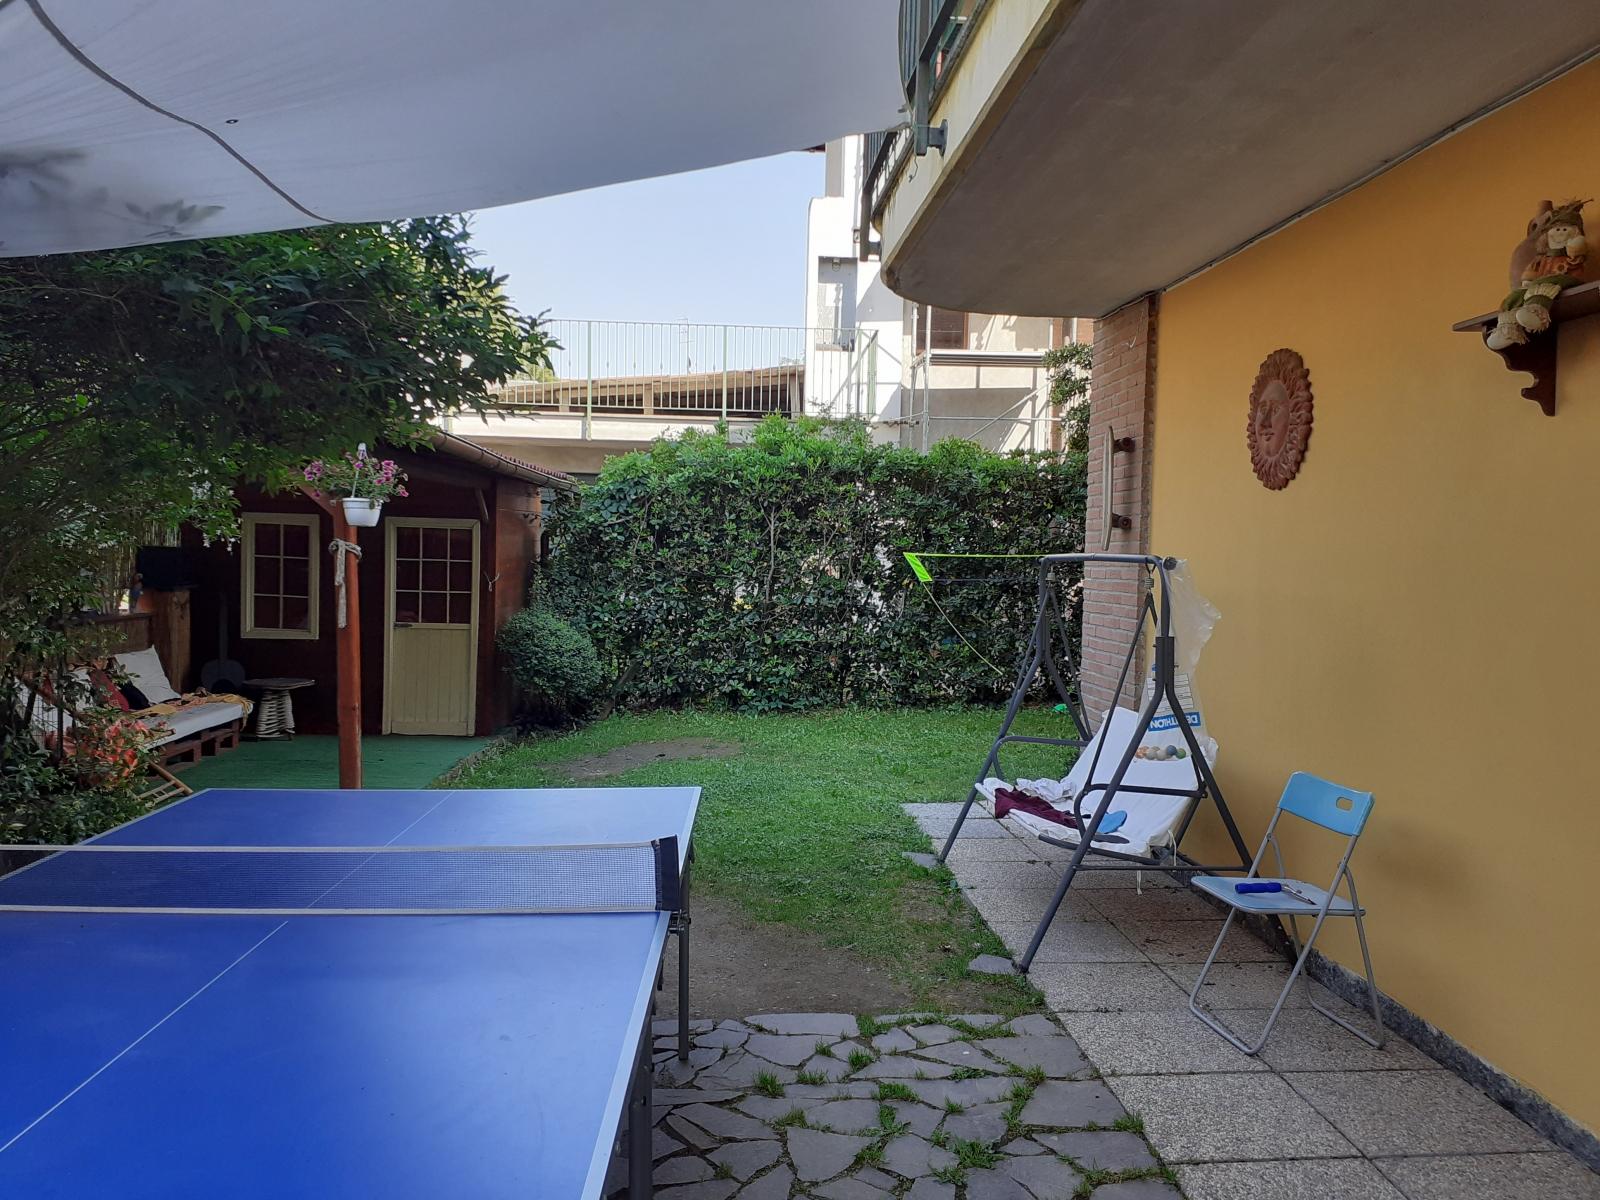 appartamento-in-vendita-cesano-boscone-milano-spaziourbano-immobiliare-vende-2